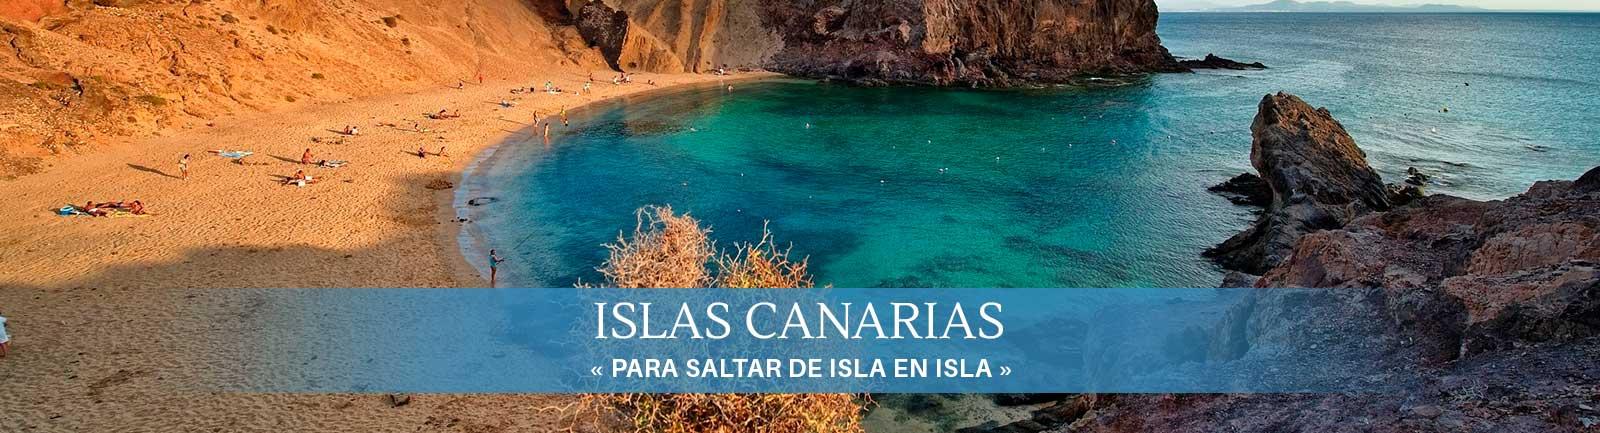 Destino Islas Canarias